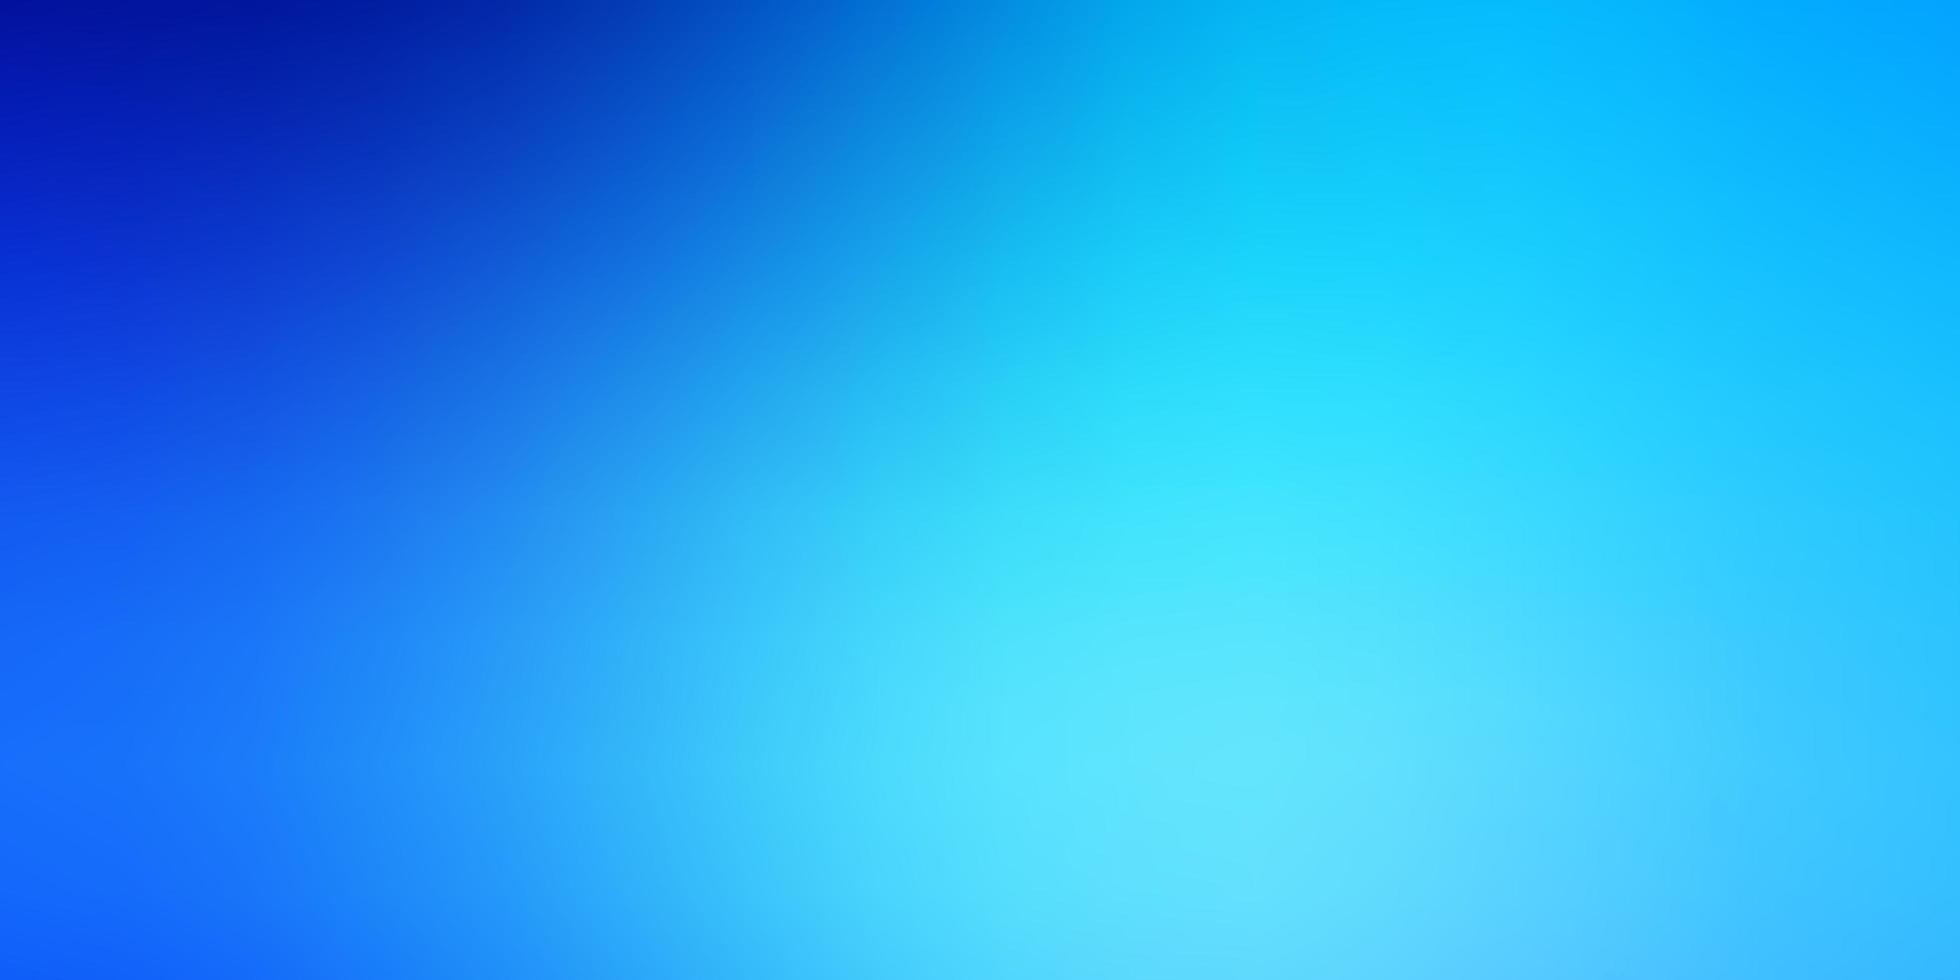 hellblauer bunter Unschärfehintergrund. vektor